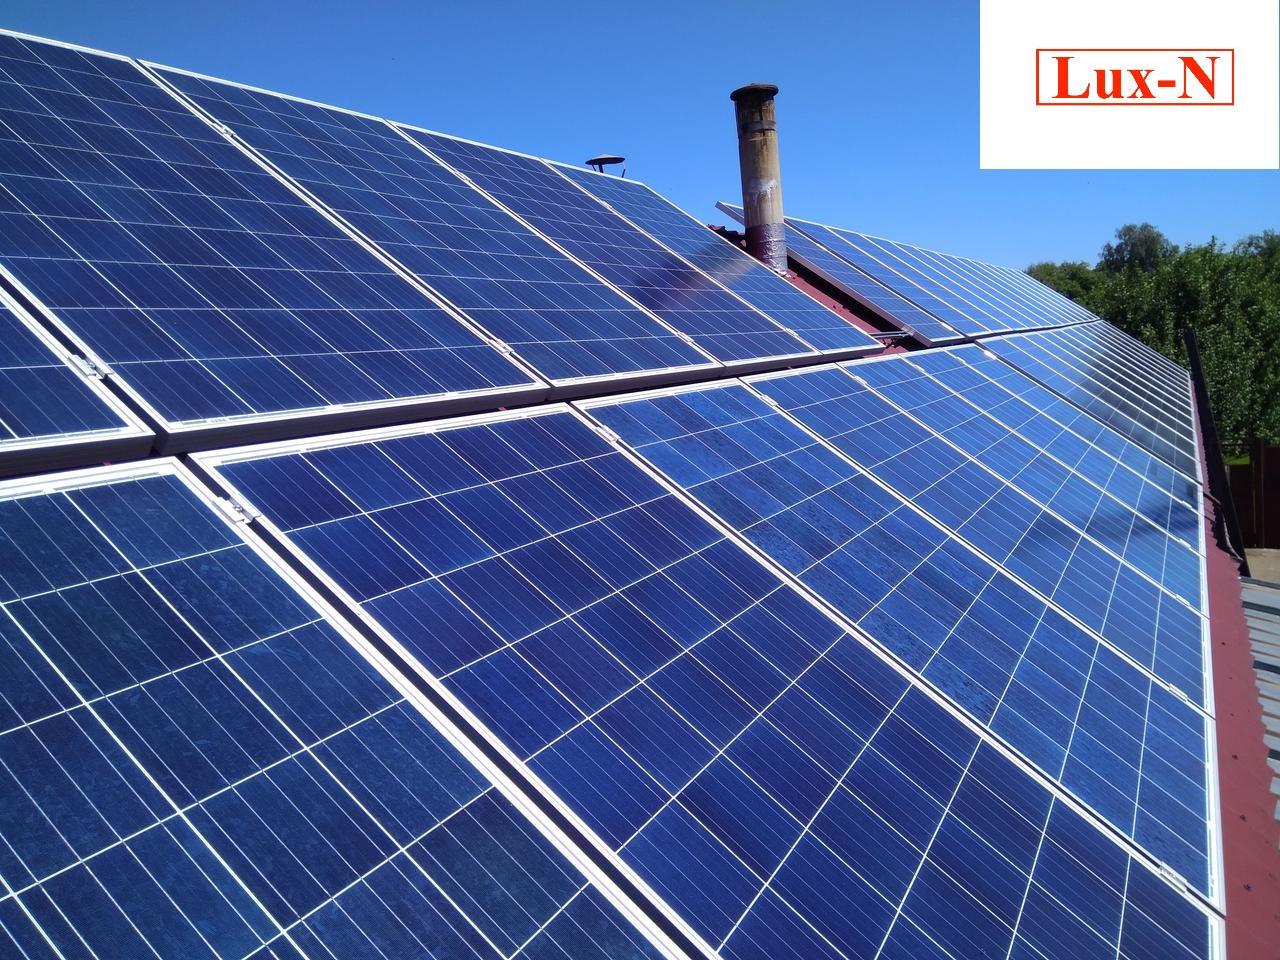 """Мережева сонячна електростанція 10 кВт, 380 В, під """"зелений тариф"""". Сетевая солнечная электростанция 10 кВт, фото 1"""